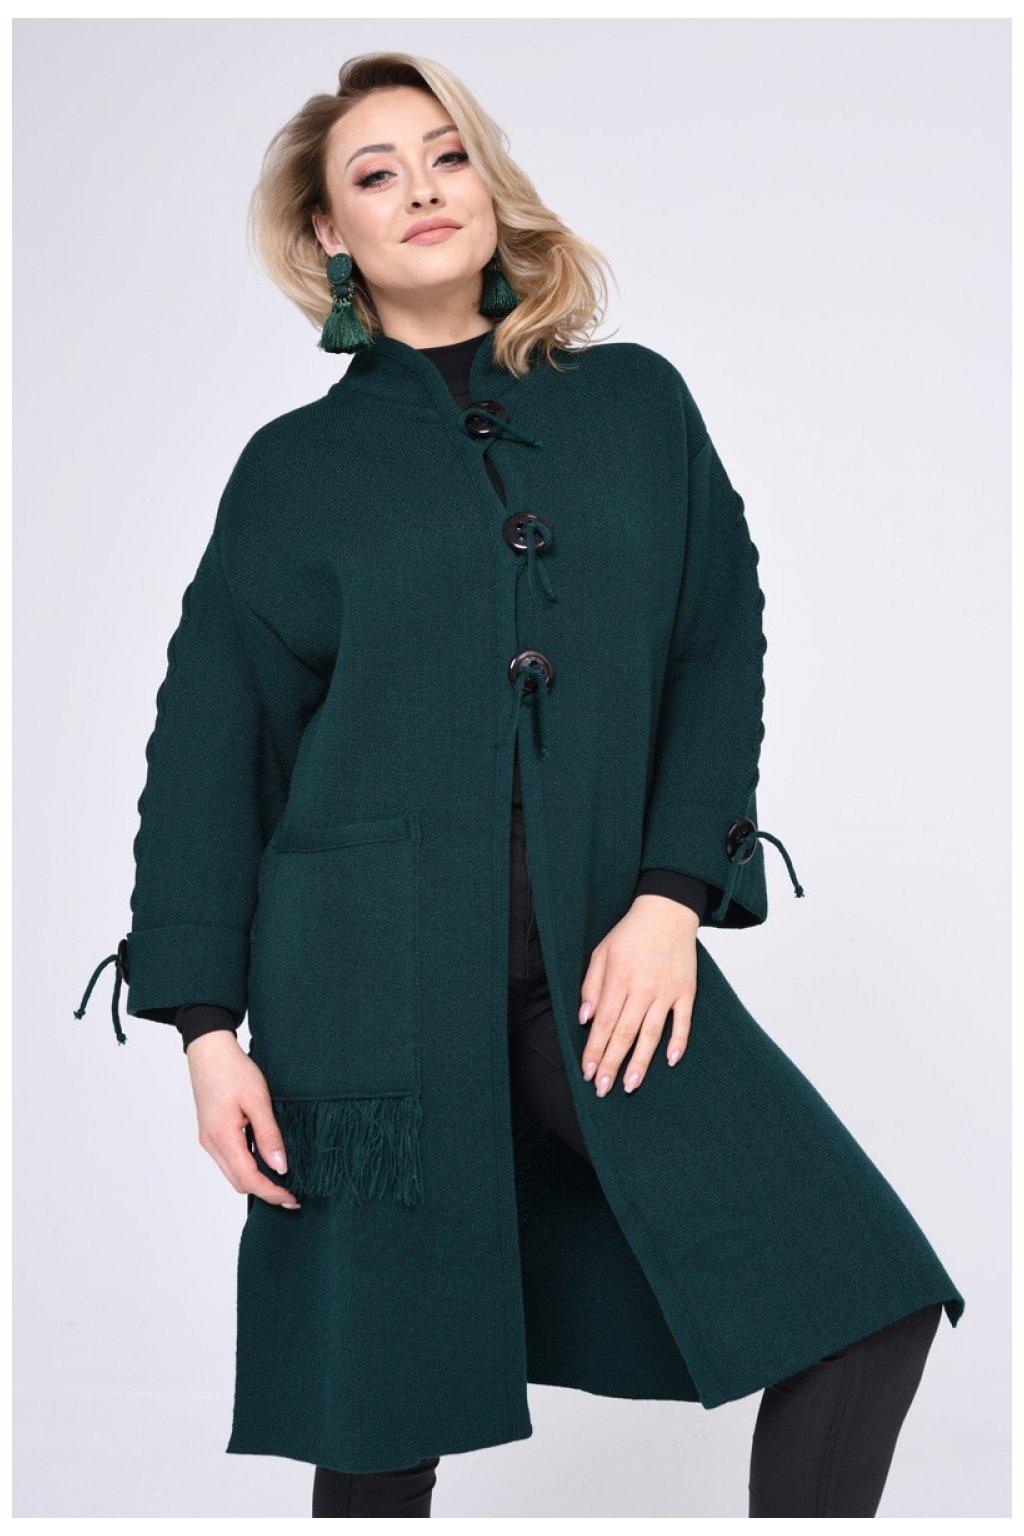 Dámský kabát na knoflíky, model 140427 Vitesi